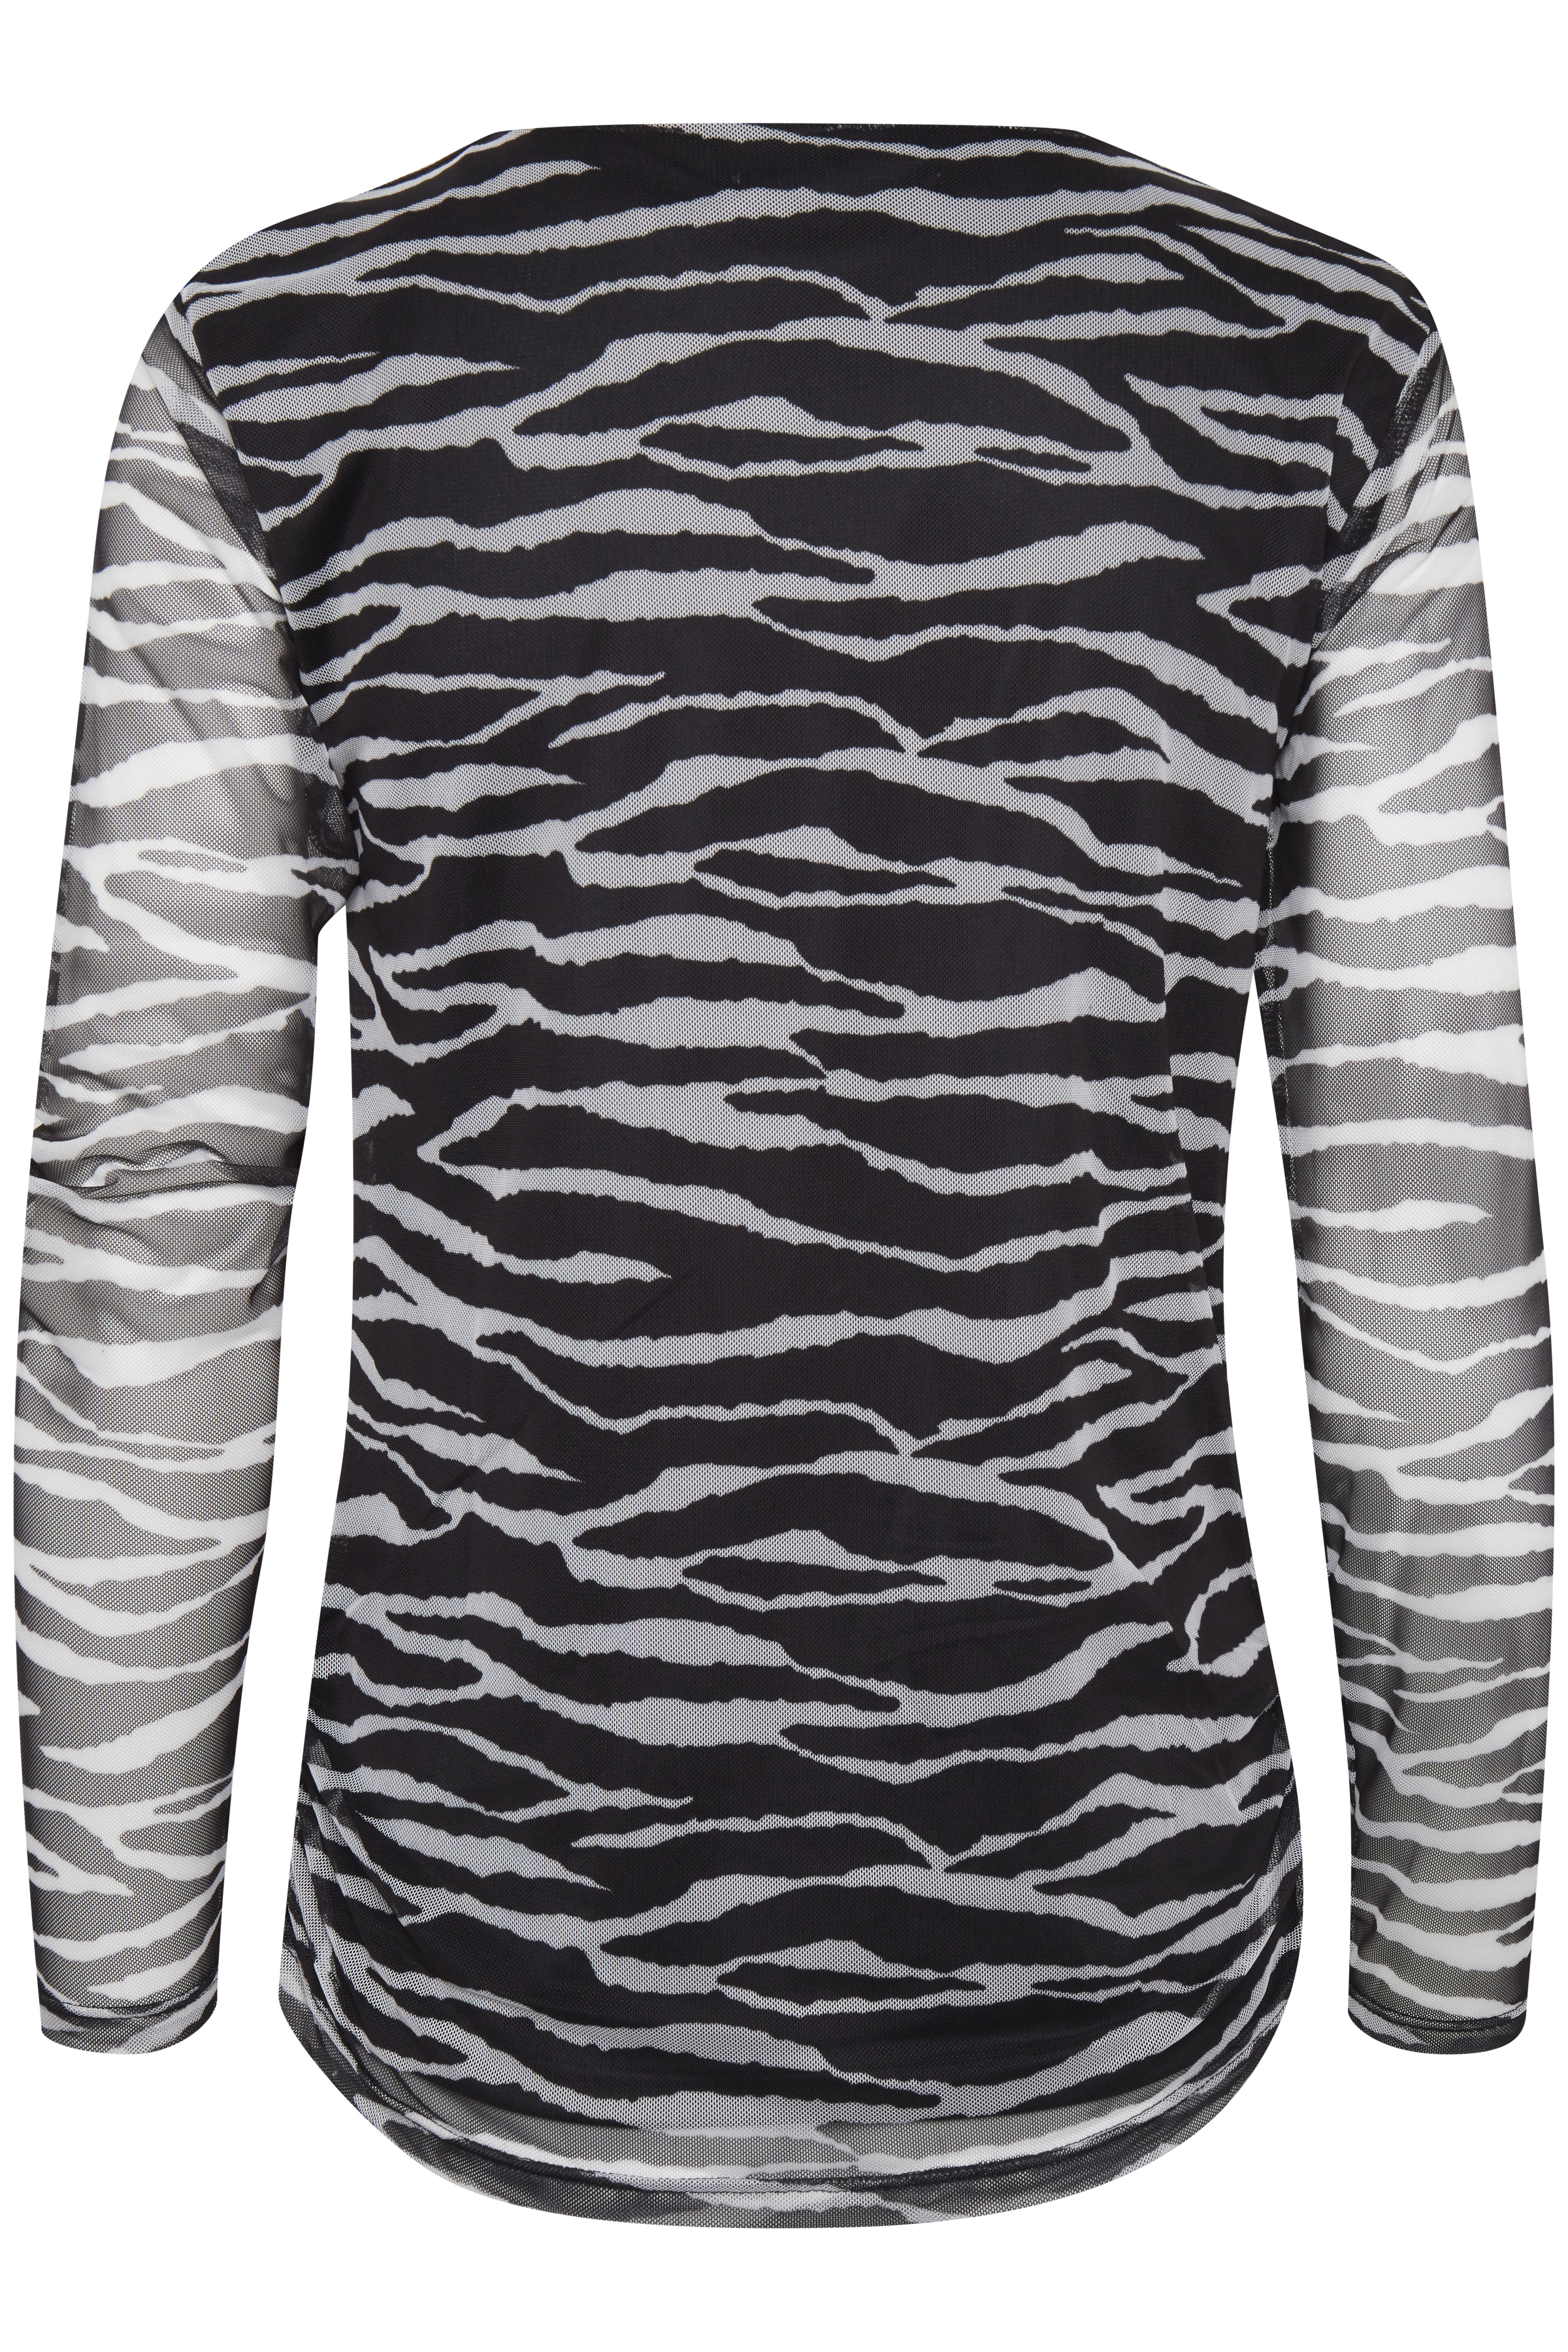 Zebra combi 1 T-shirt von b.young – Kaufen Sie Zebra combi 1 T-shirt aus Größe XS-XL hier